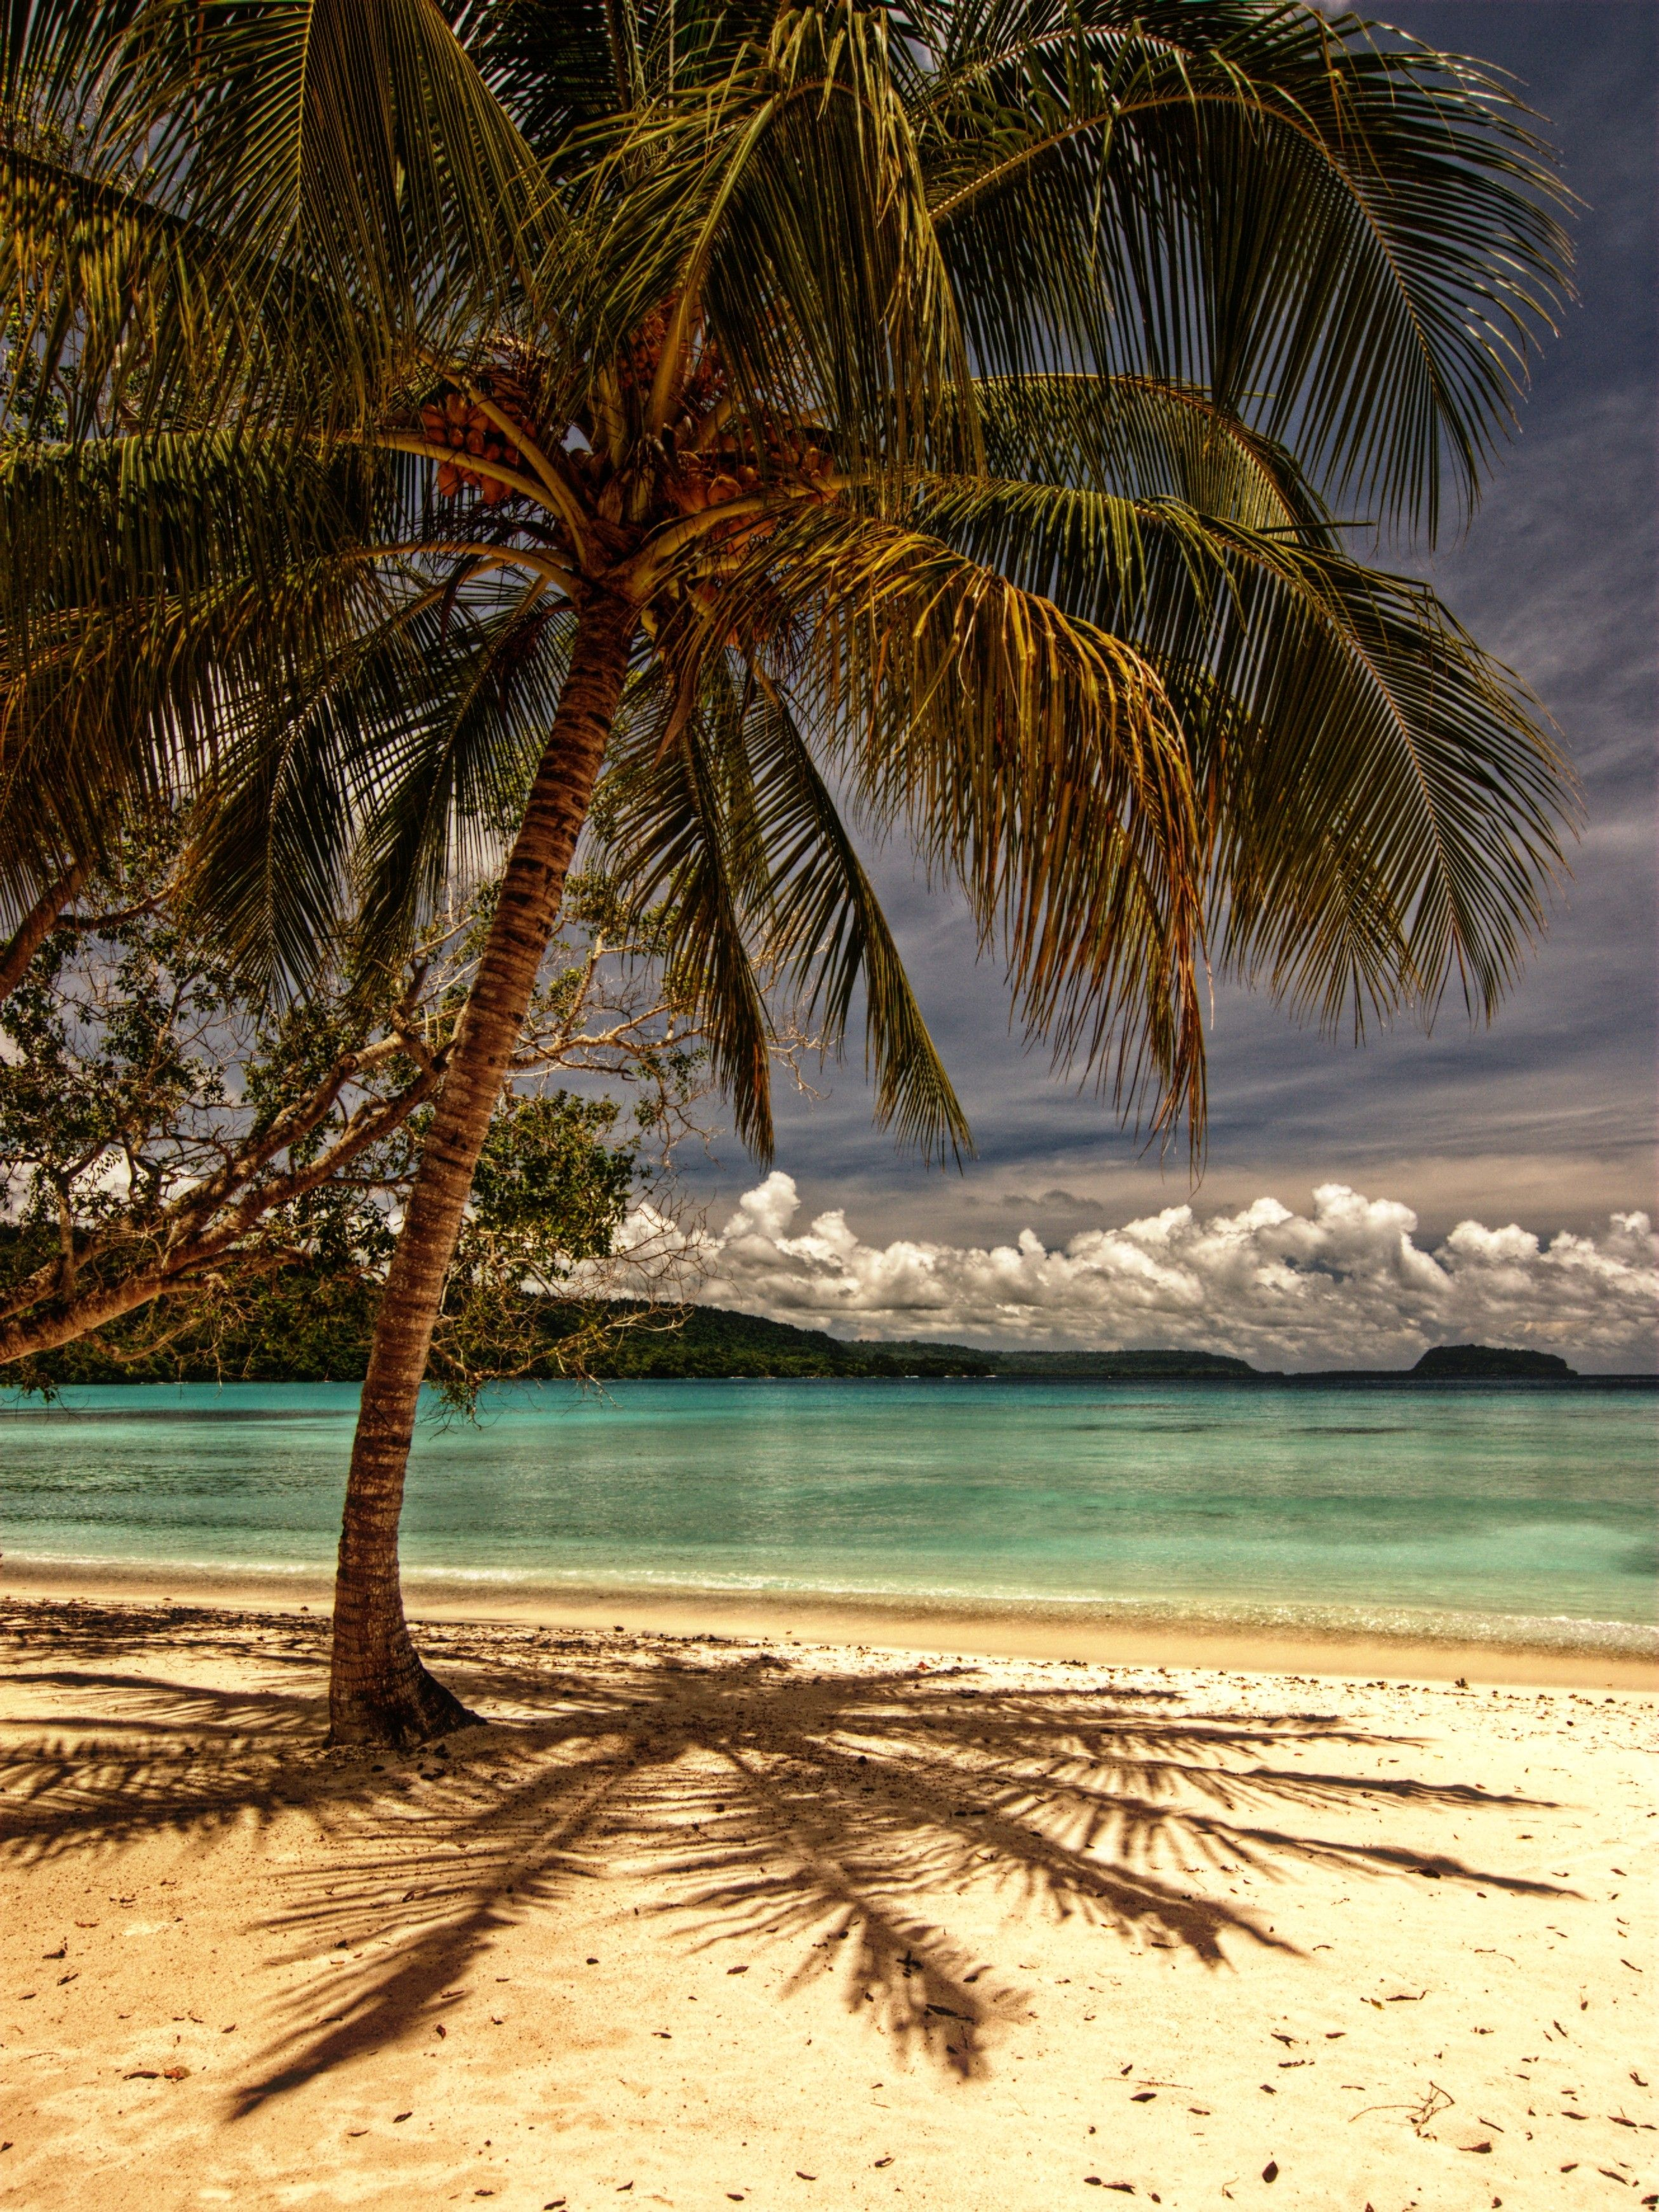 Port Olry Beach, Espiritu Santo, Vanuatu.